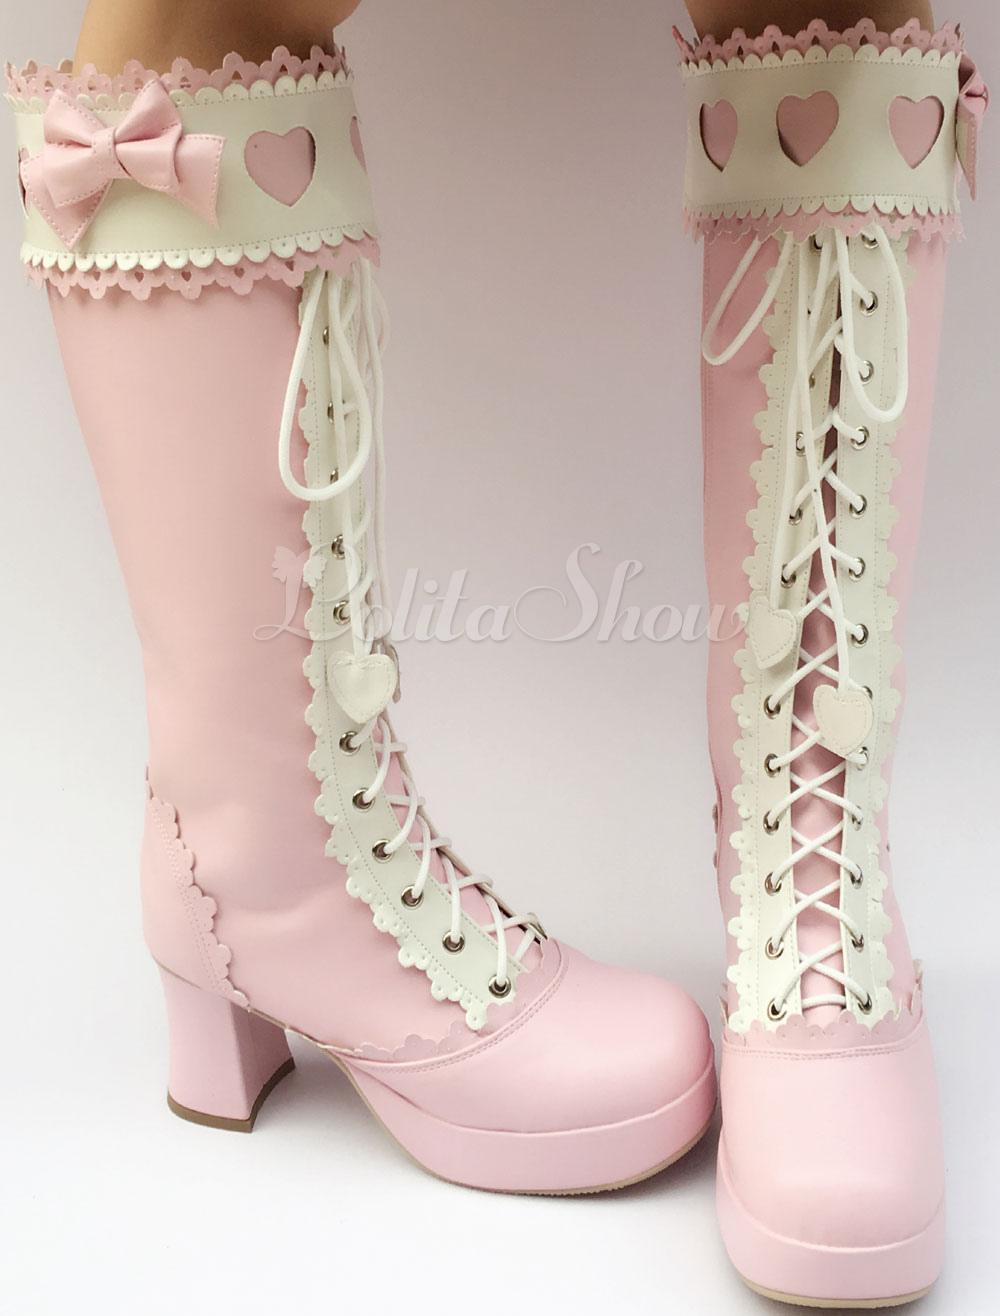 Dulce Lolita botas hasta la rodilla Rosa plataforma tacón grueso cordón arco Lolita botas altas con el recorte de corazón luTJASov1